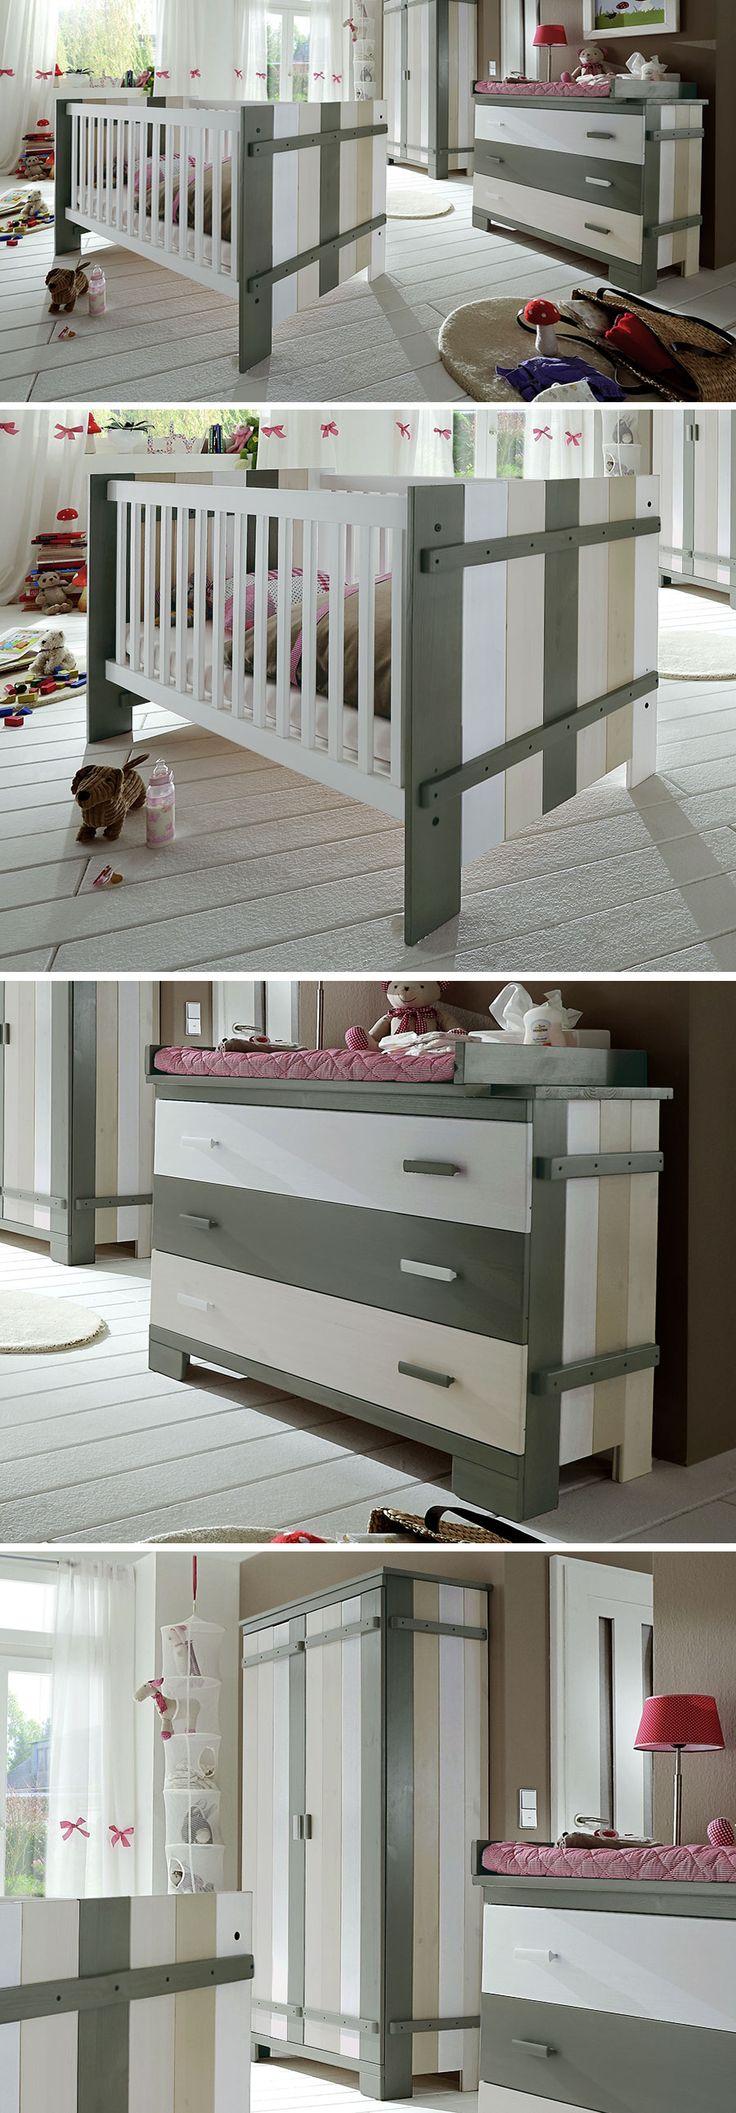 106 besten Babyzimmer Bilder auf Pinterest | Betten, Kinderzimmer ... | {Kinderzimmer de 52}